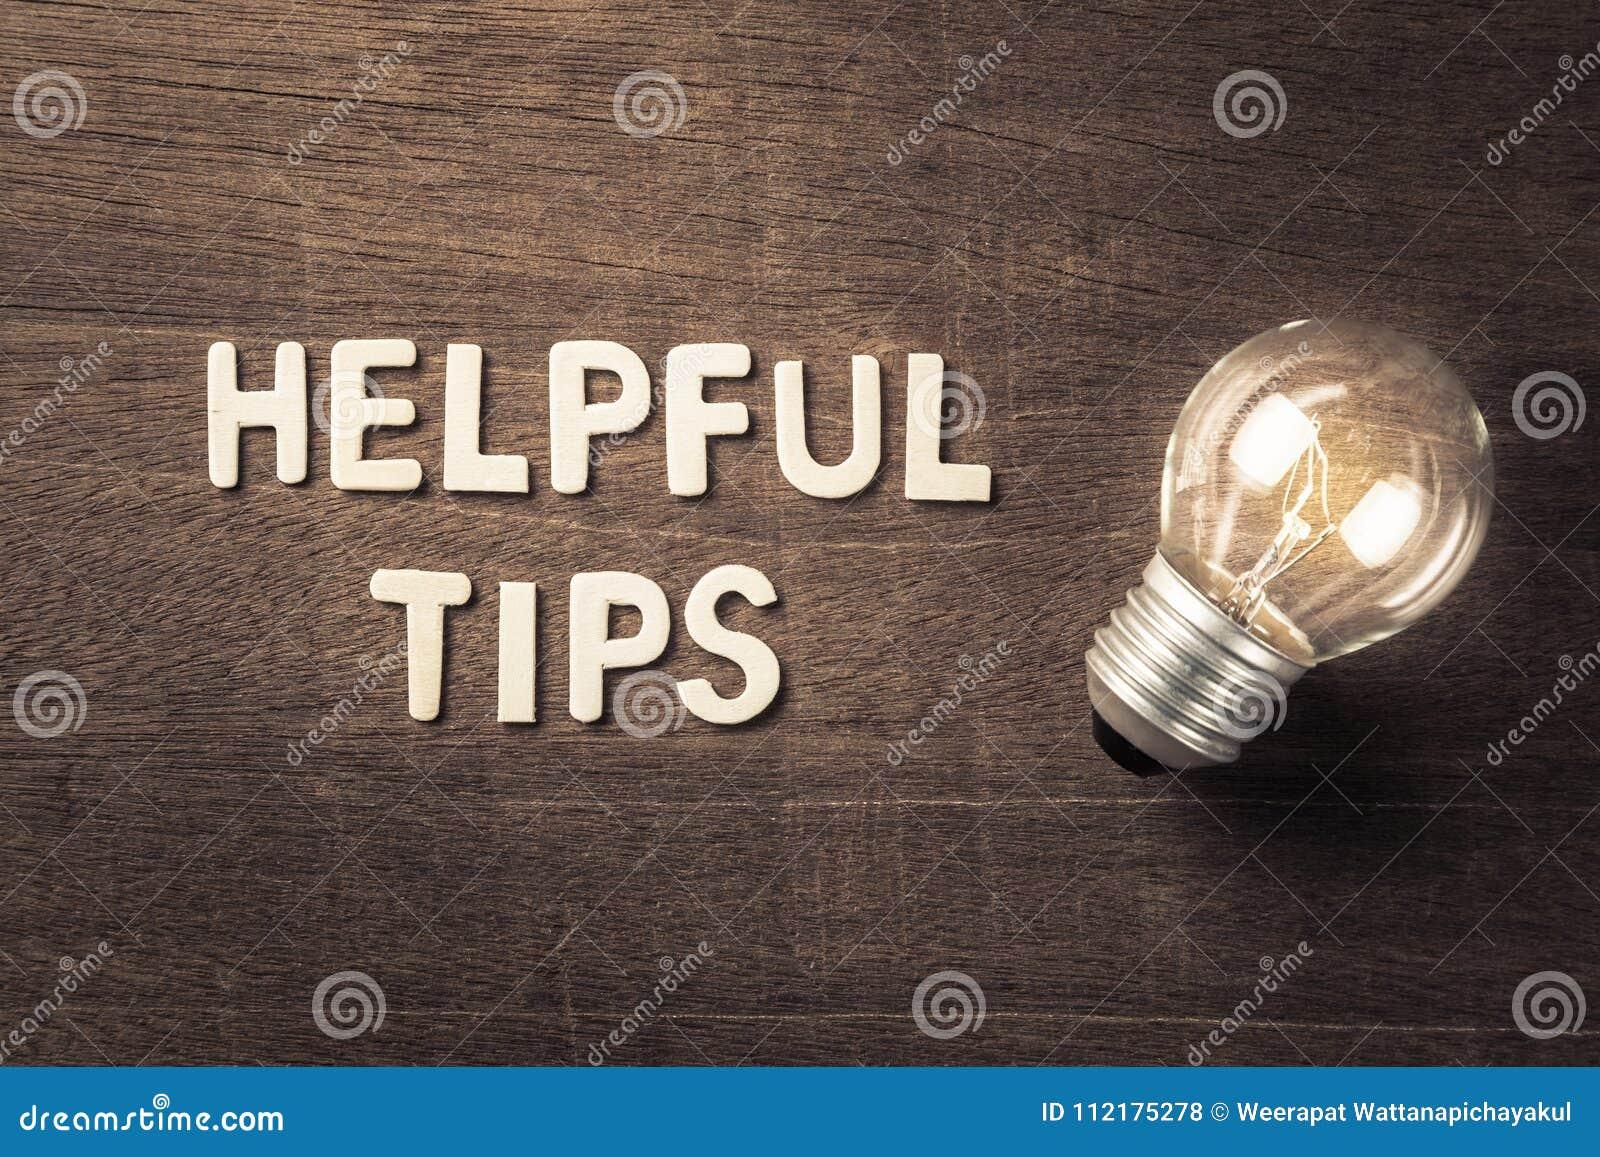 Helpful Tips Idea